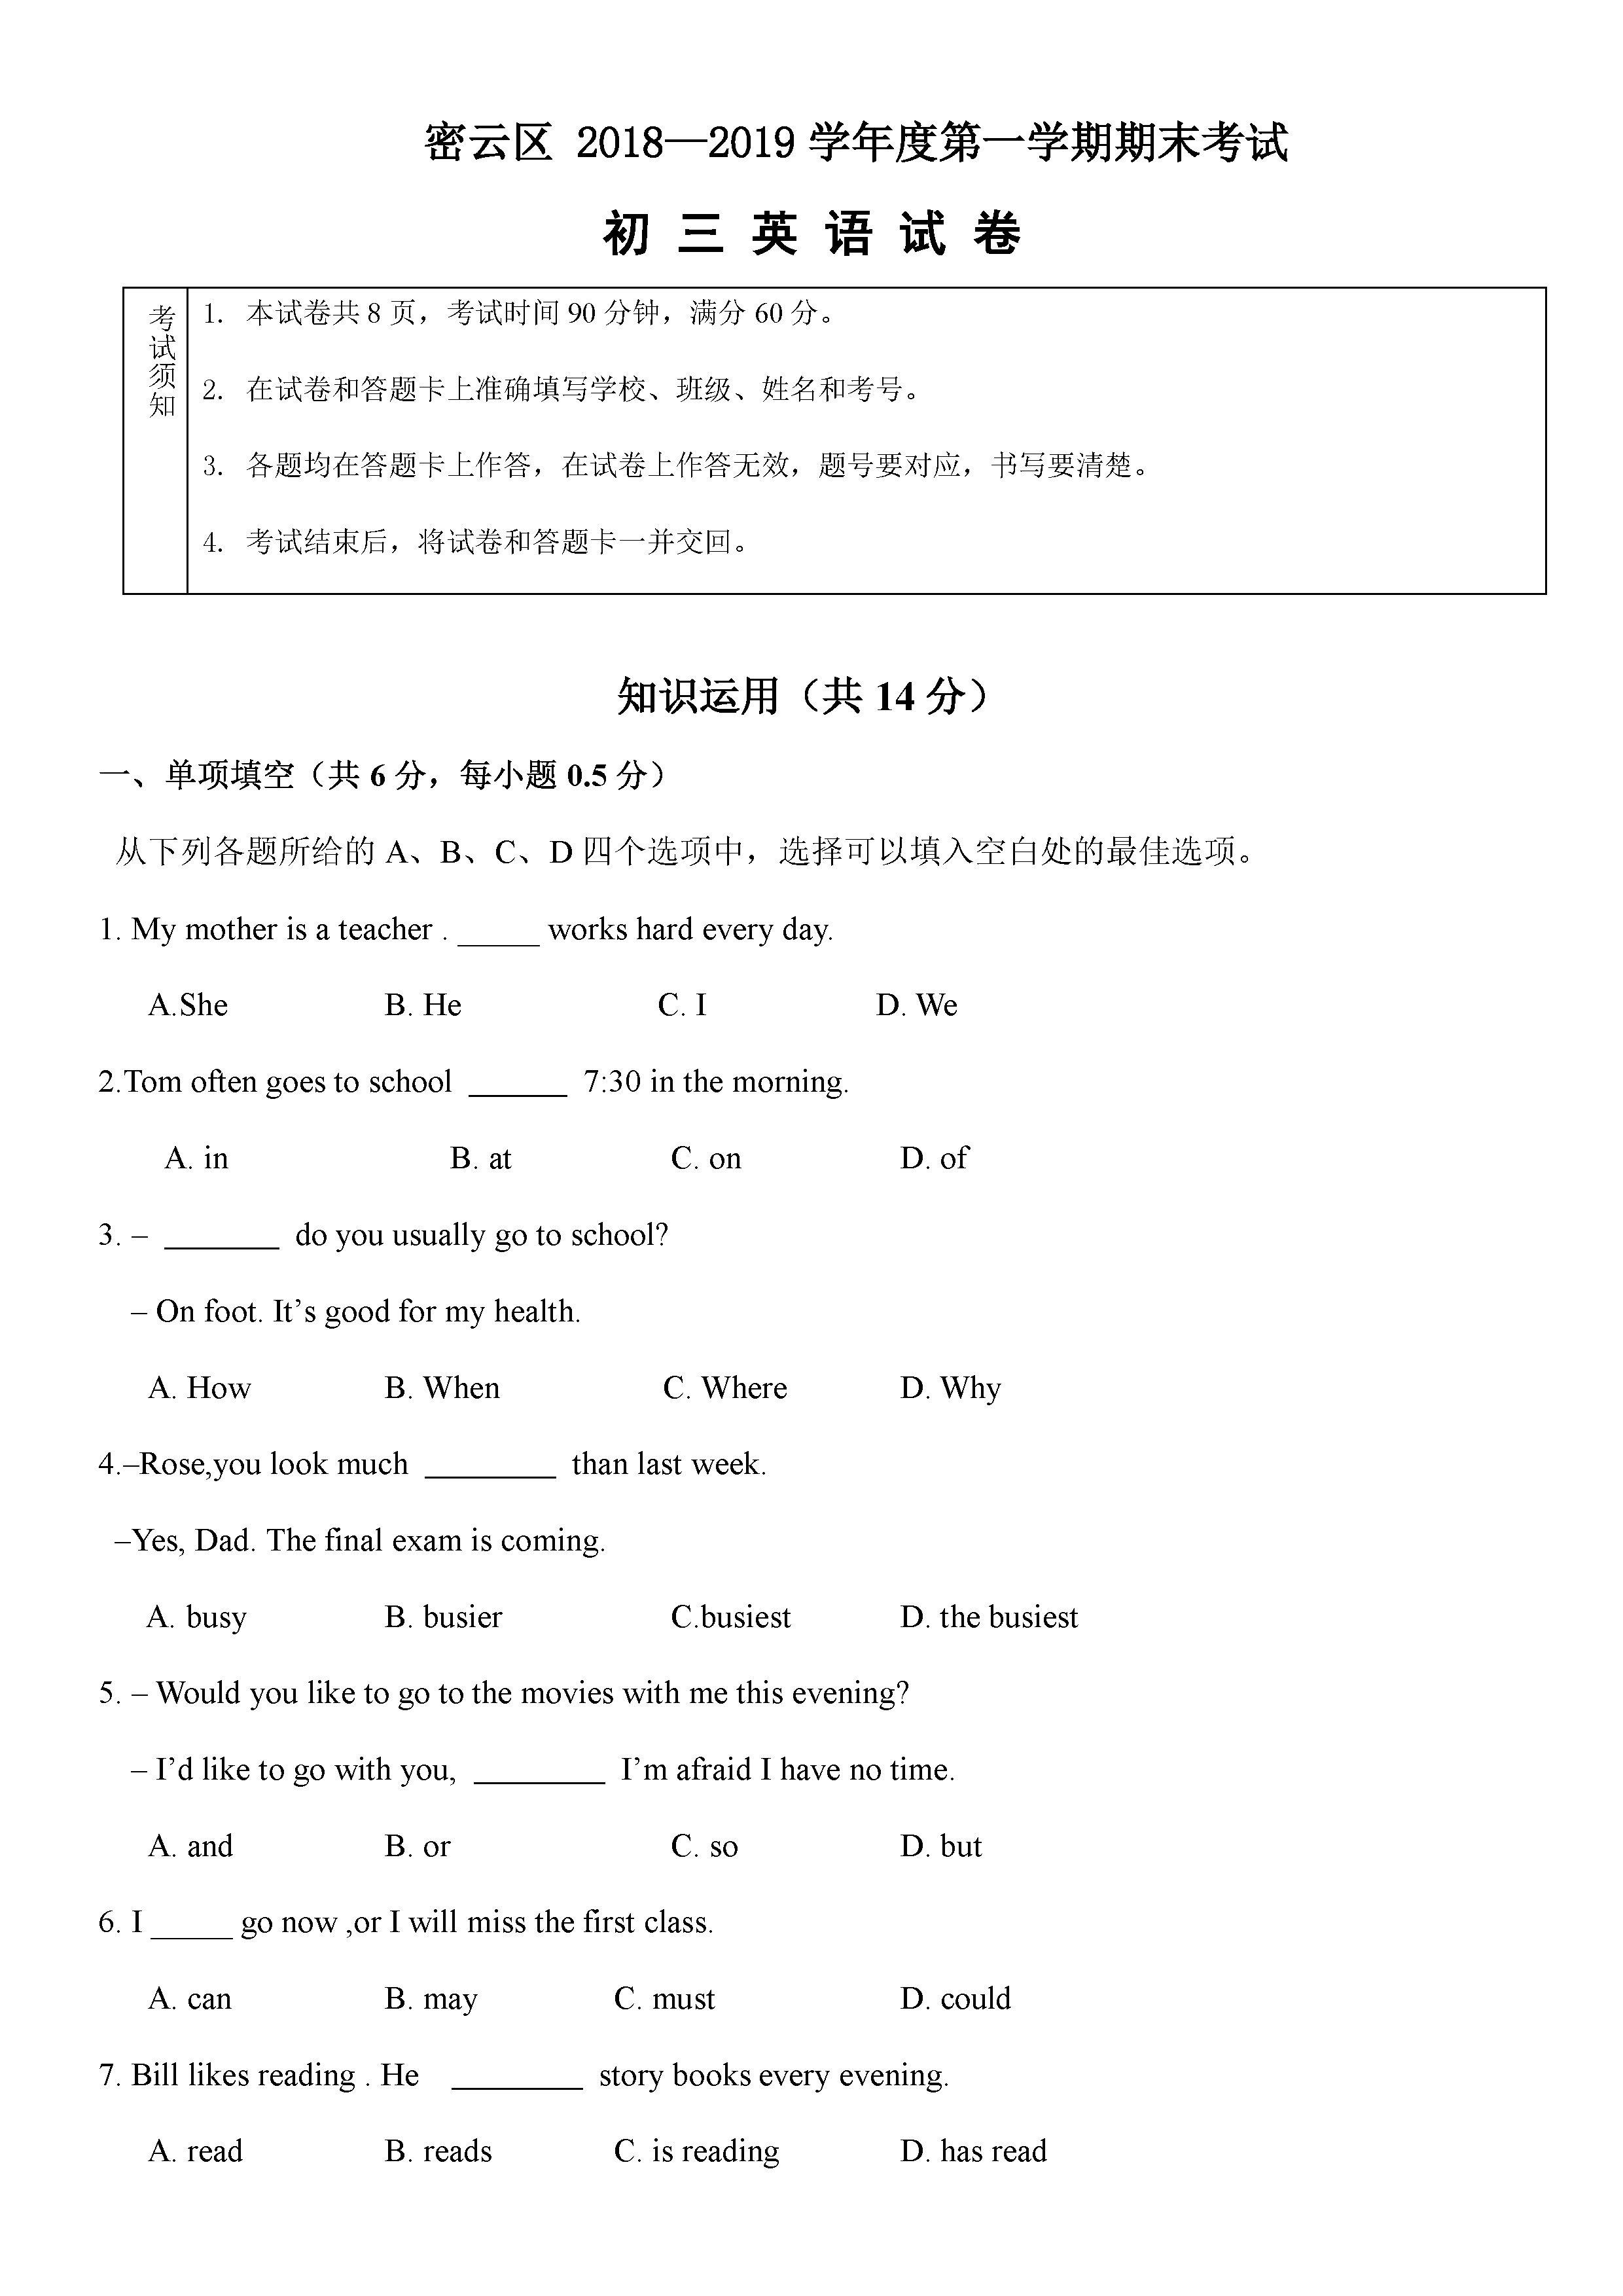 2019年1月北京密云初三上英语期末试题及答案